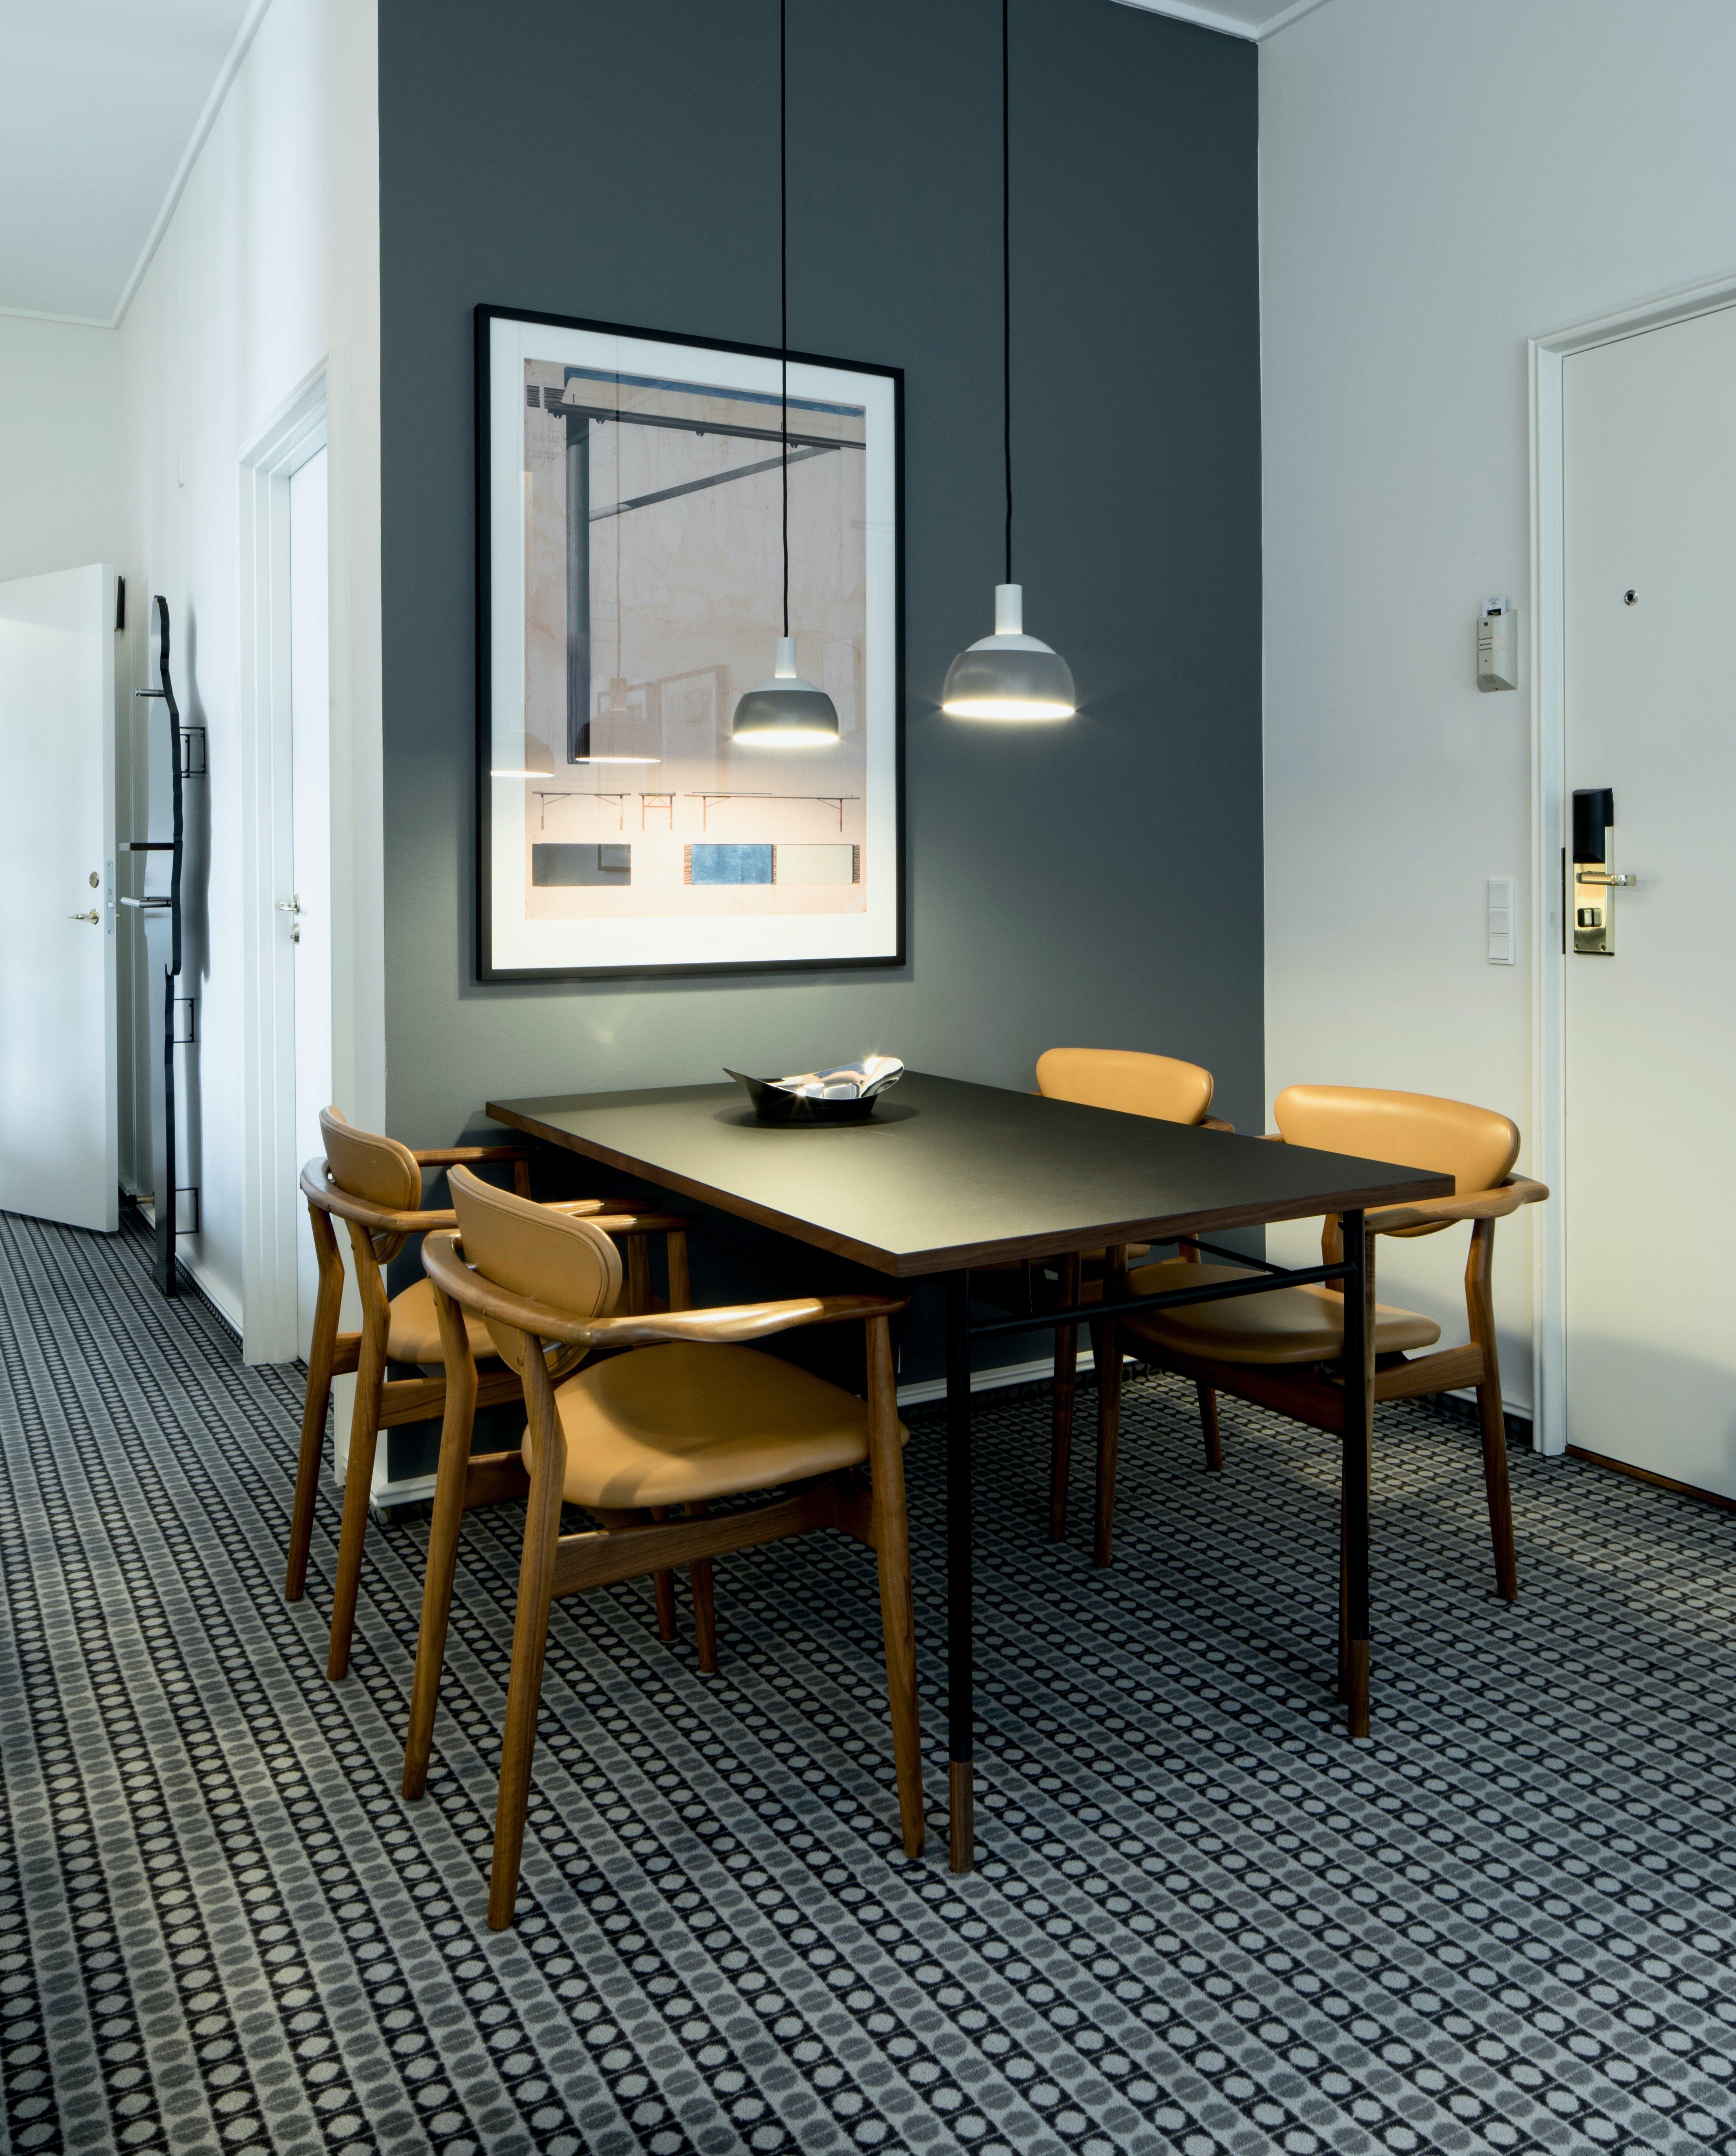 Spisebord suite hotel